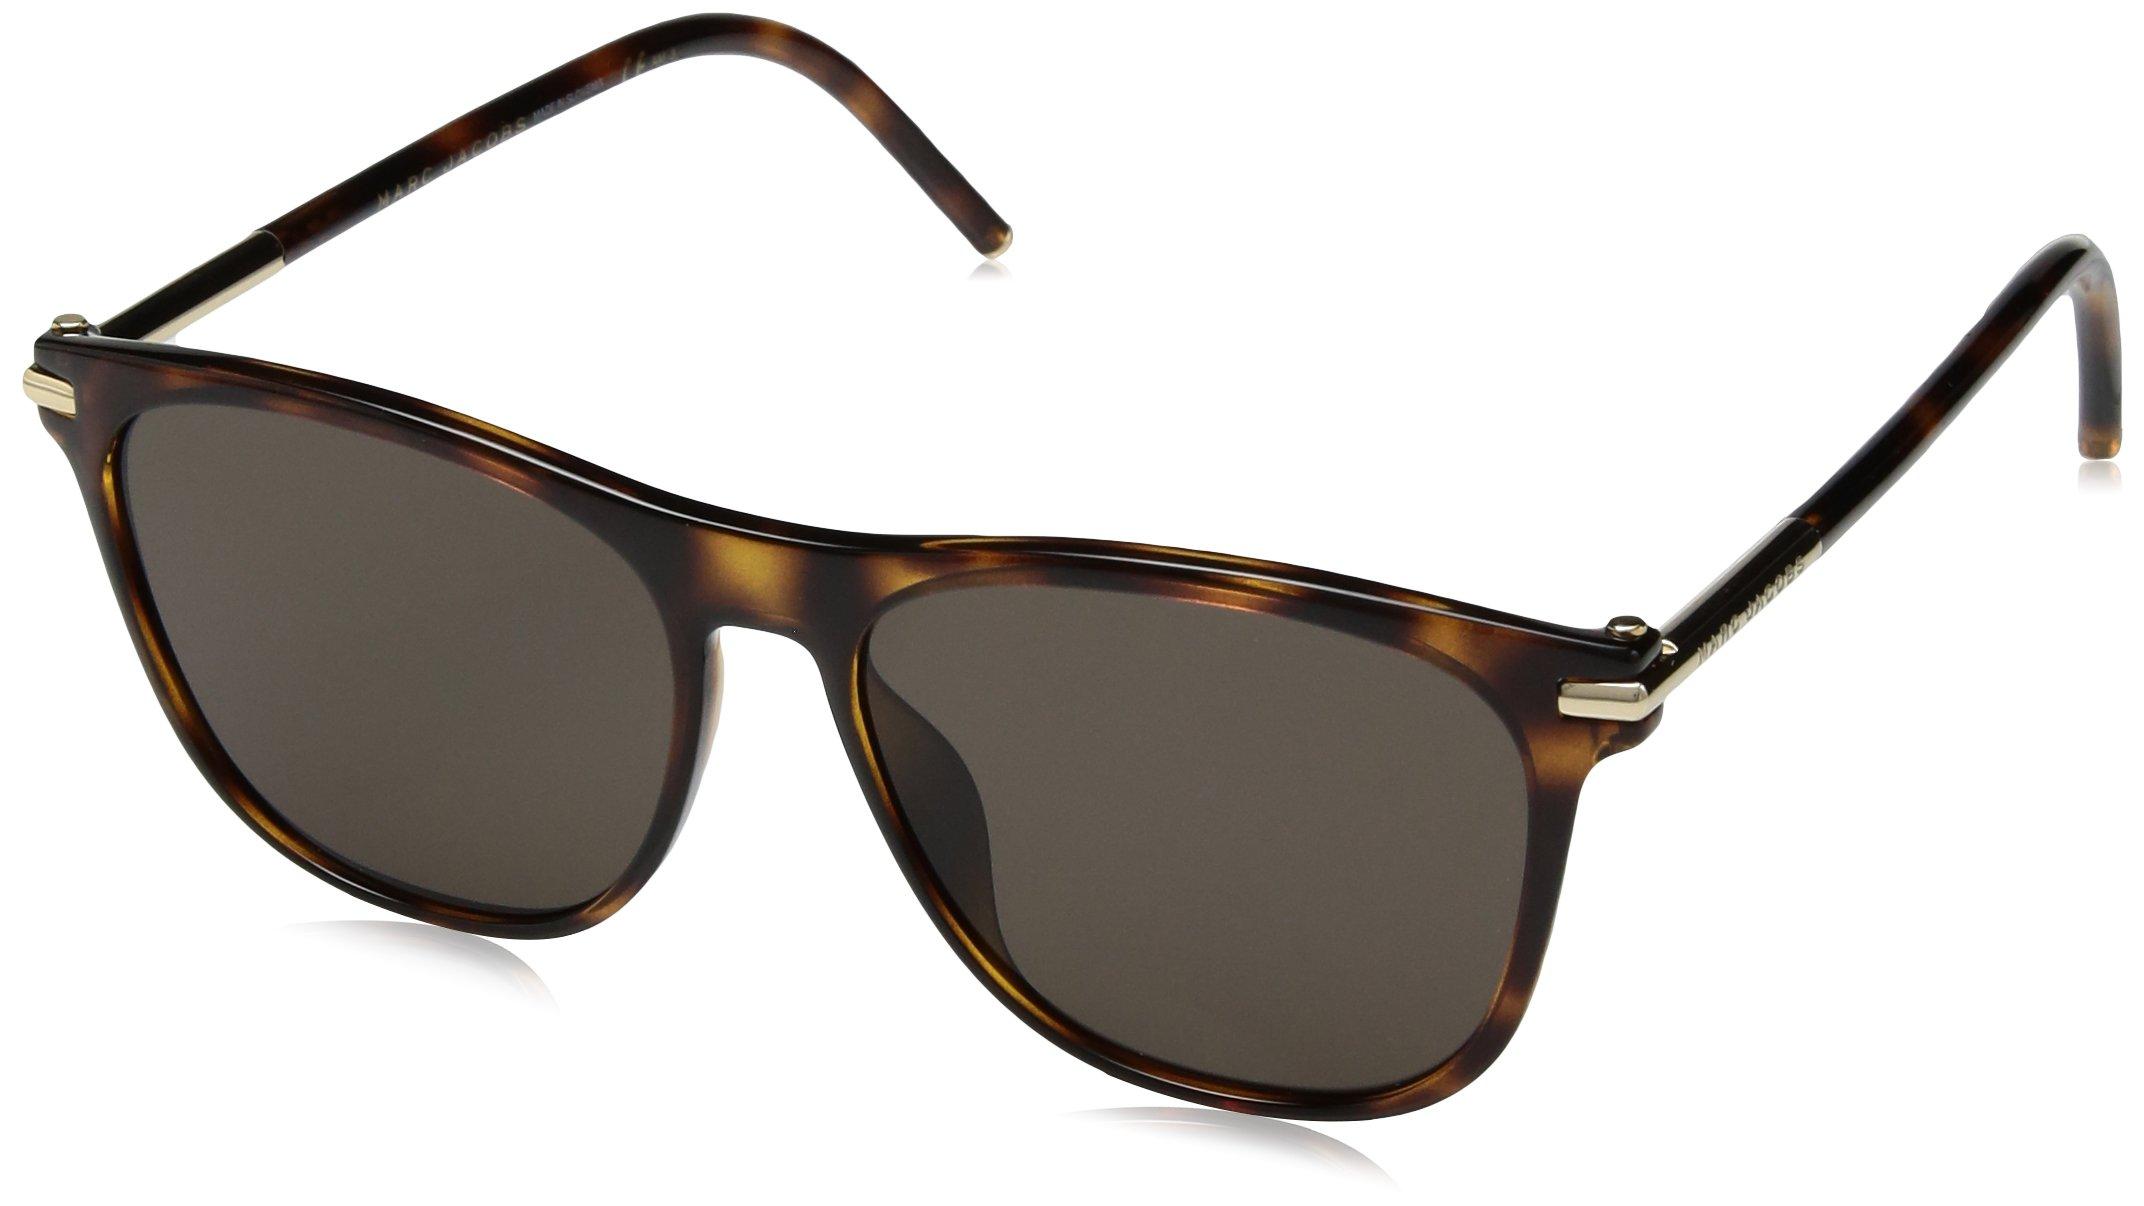 Marc Jacobs Women's Marc49s Square Sunglasses, Havana/Brown, 54 mm